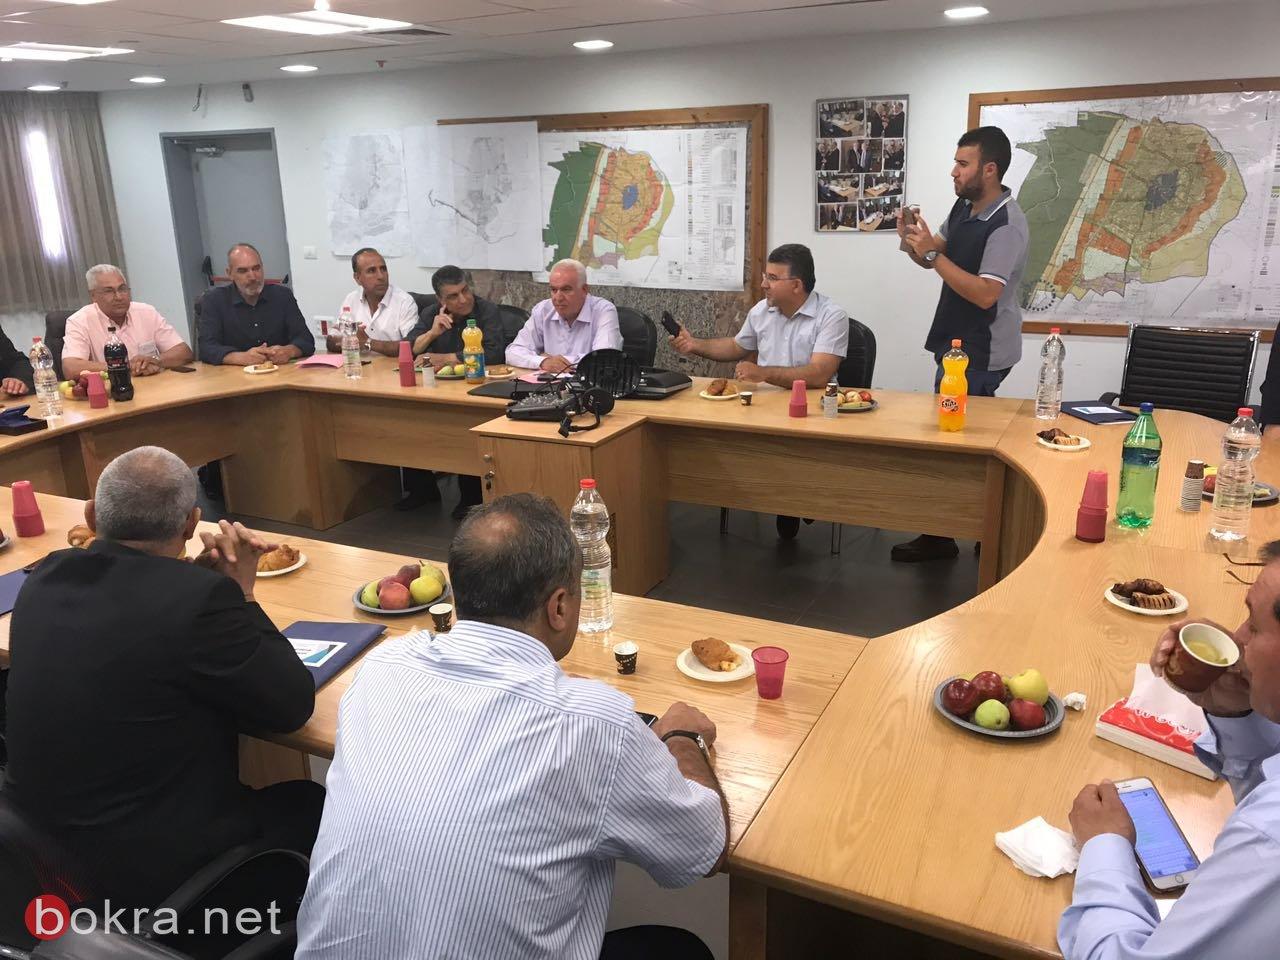 اجتماع طارئ للمتابعة في بلدية الطيبة، والإضراب لا يشمل المدارس